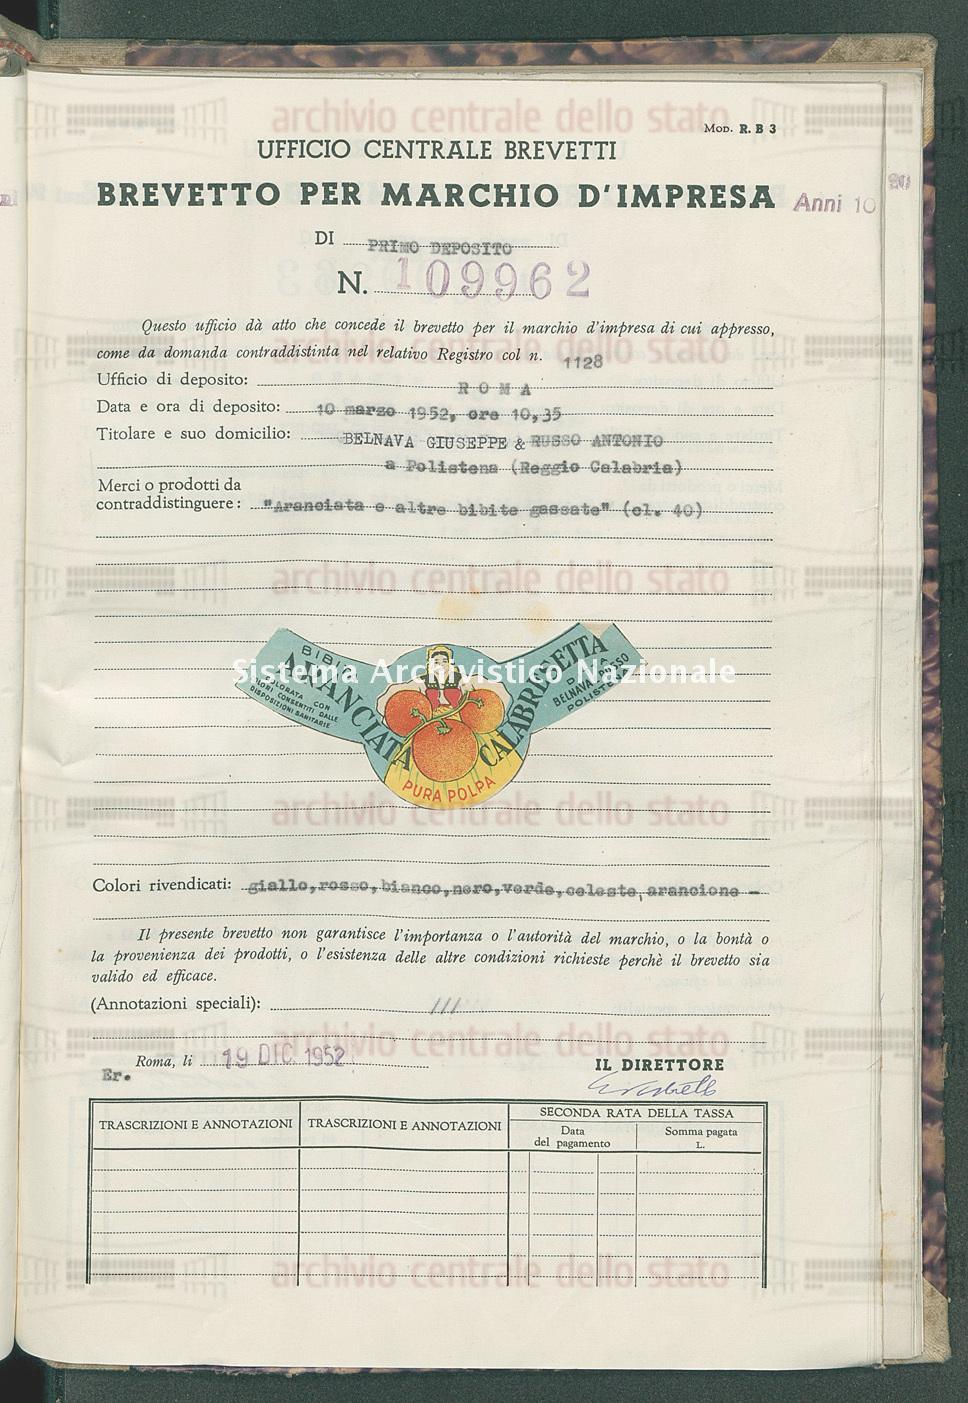 'Aranciata e altre bibite gassate' Belnava Giuseppe & Russo Antonio (19/12/1952)